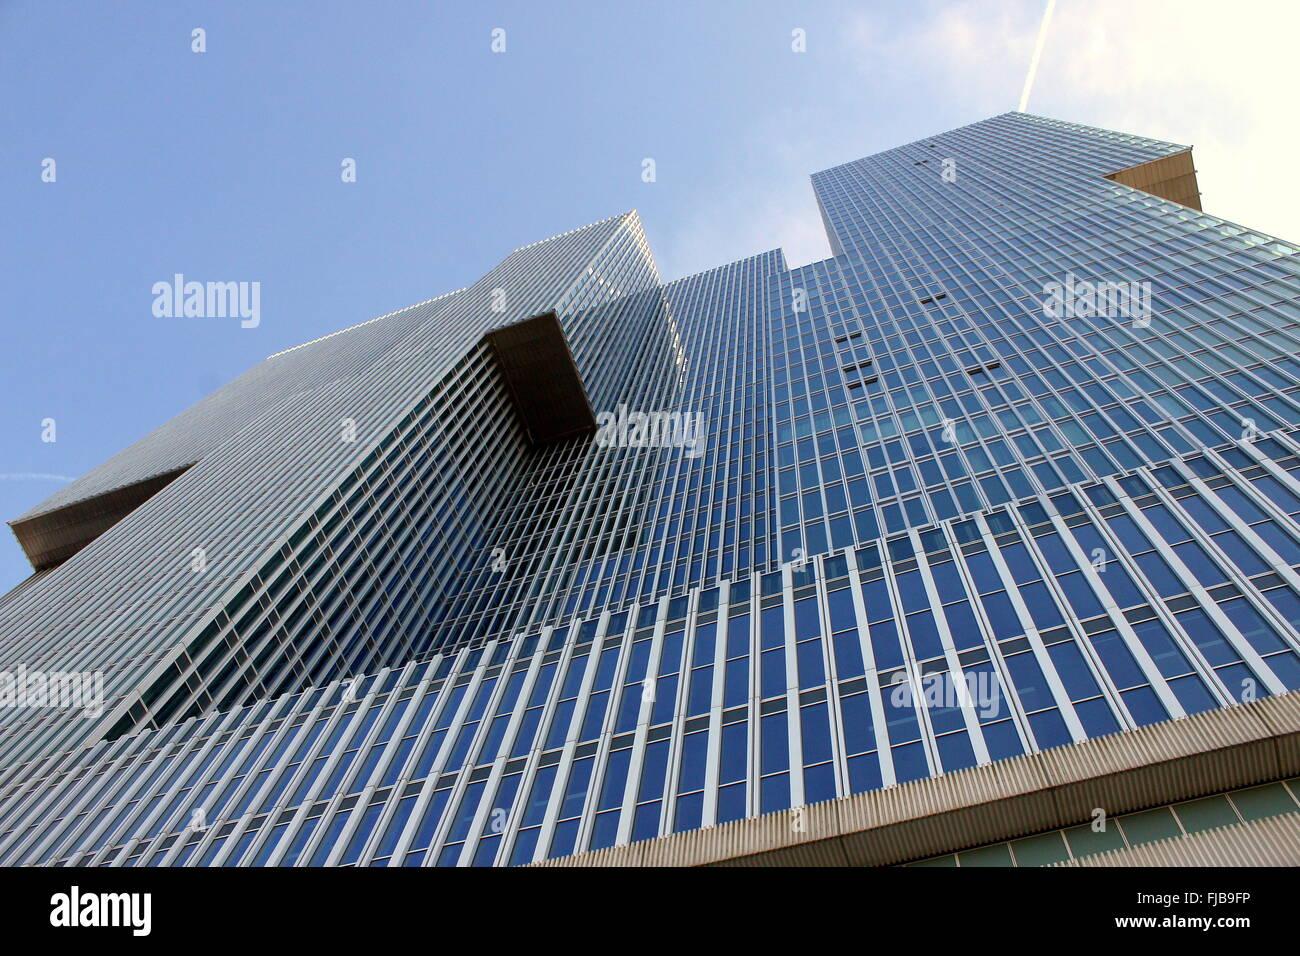 Vertigo-inducing perspective on the 'De Rotterdam'  skyscraper (2013) in  Rotterdam, designed by Dutch architect - Stock Image